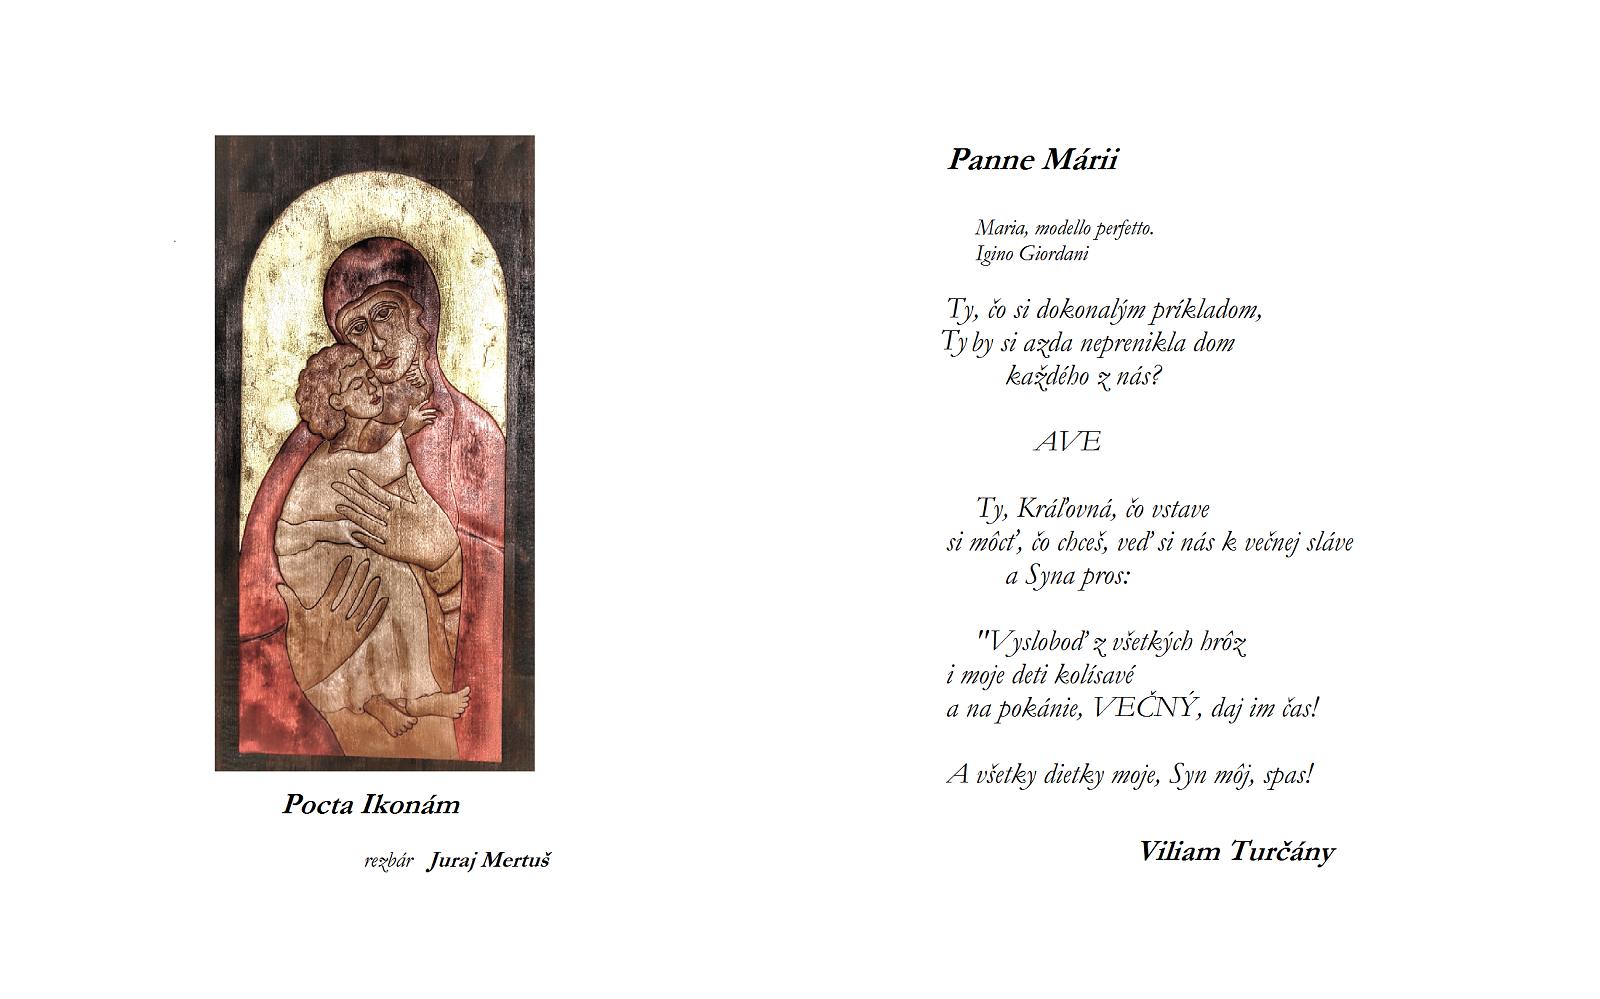 19522ba12bb6 Pocta ikonám Panne Márii